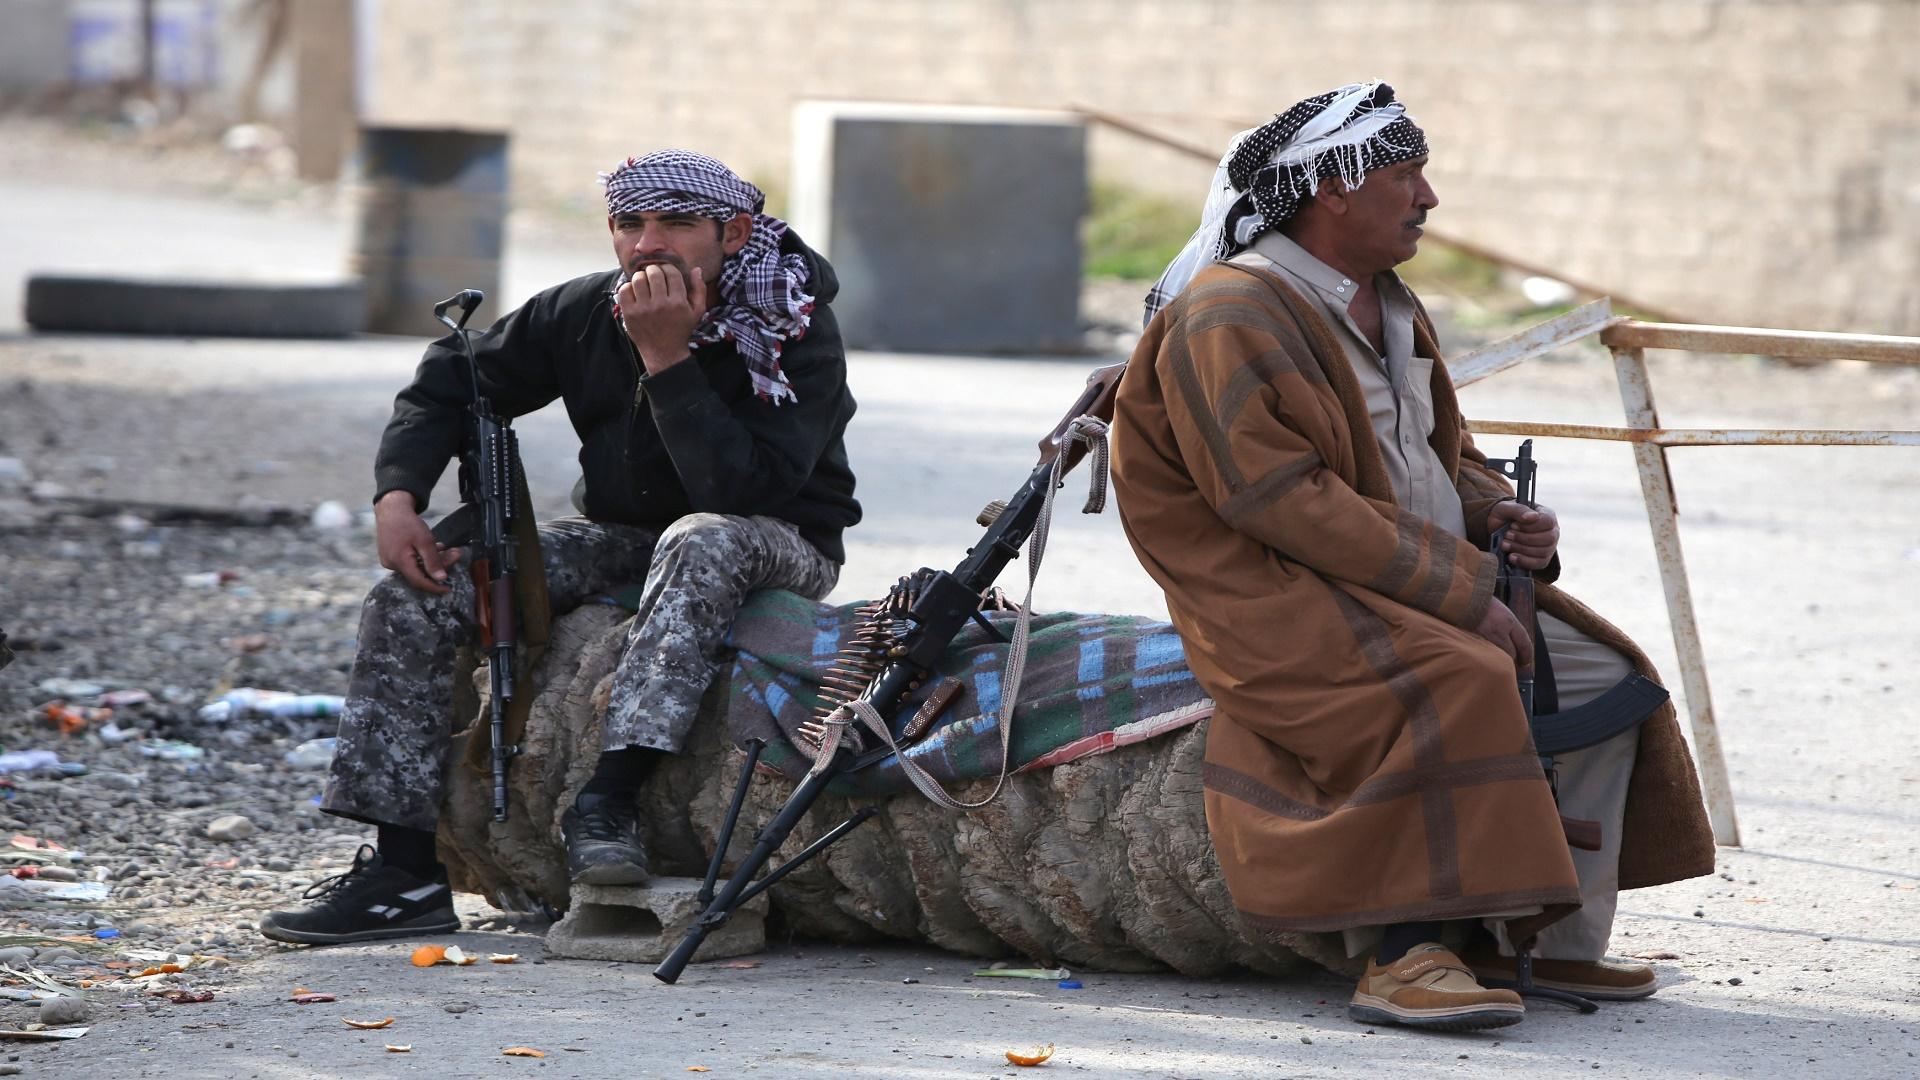 الرصاص الطائش ..  تقليد عشائري يزدهر بالمدن ويصيب العراقيين بالجملة